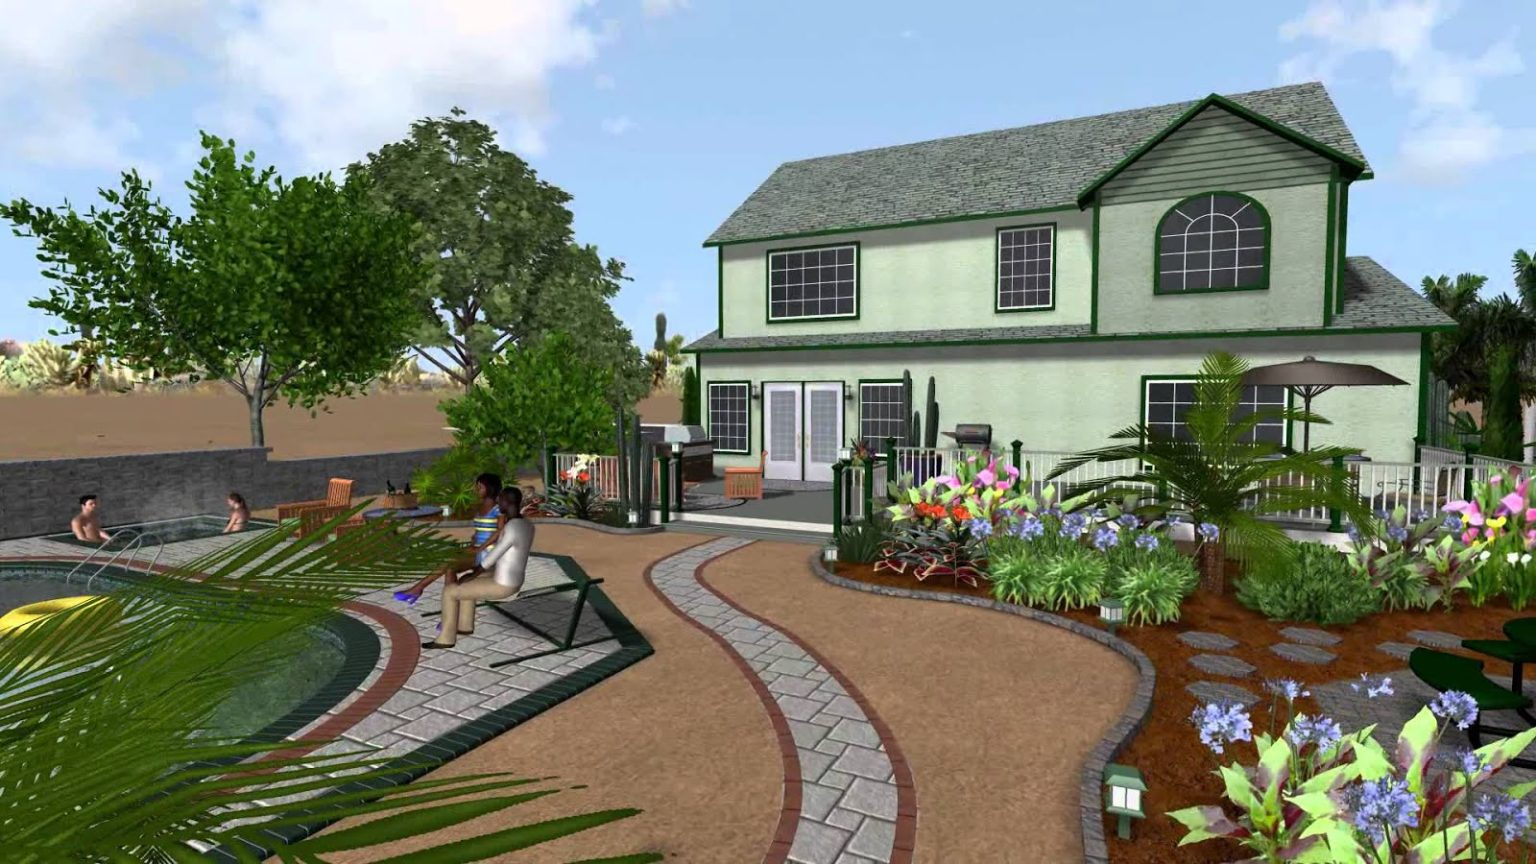 Уроки realtime landscaping architect - урок №3   flokus.ru - ландшафтный дизайн